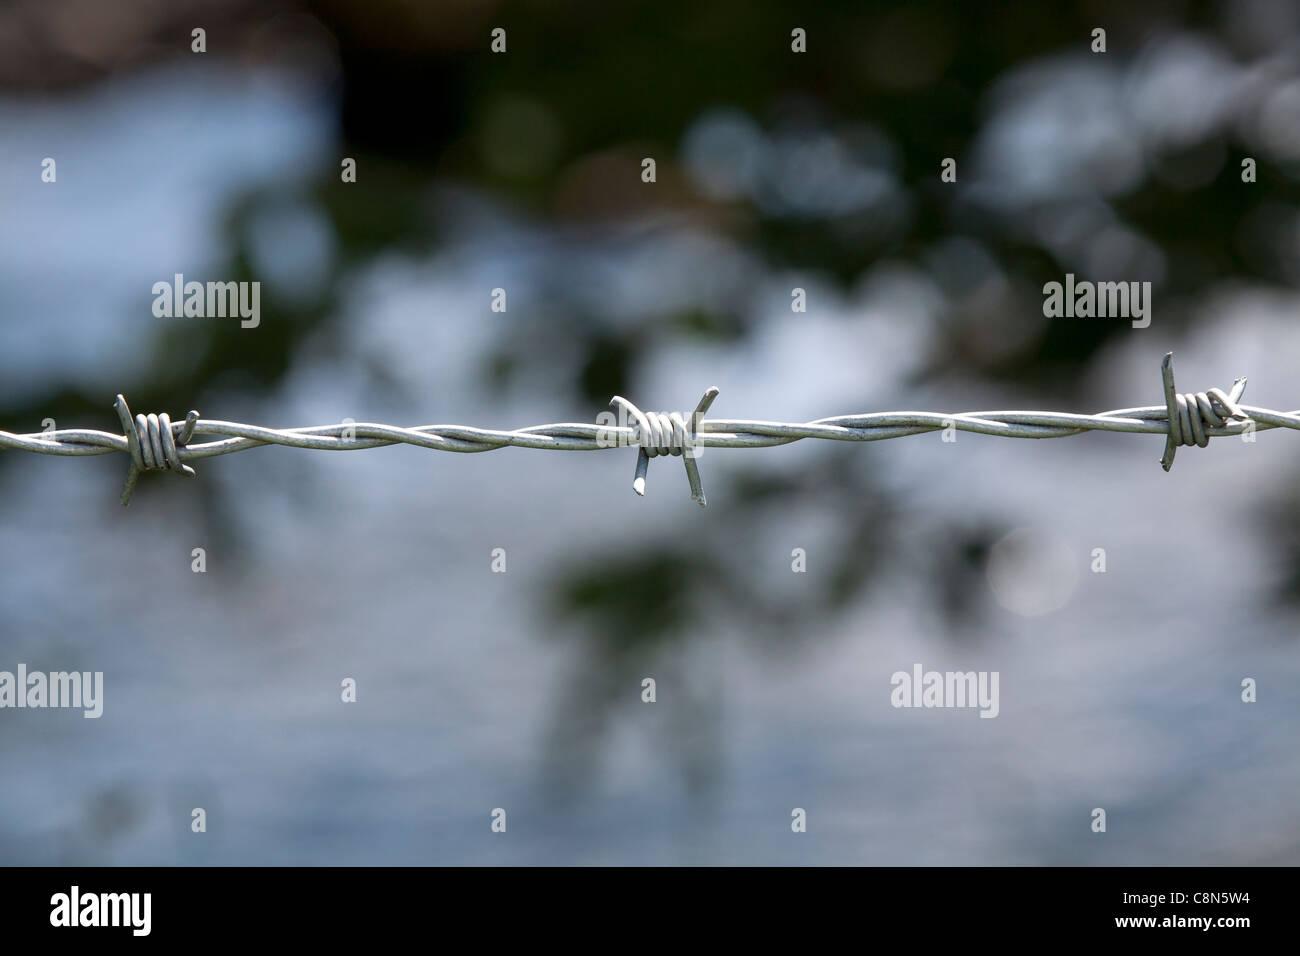 Nahaufnahme des Stranges aus Stacheldraht mit Fokus-Hintergrund Stockfoto